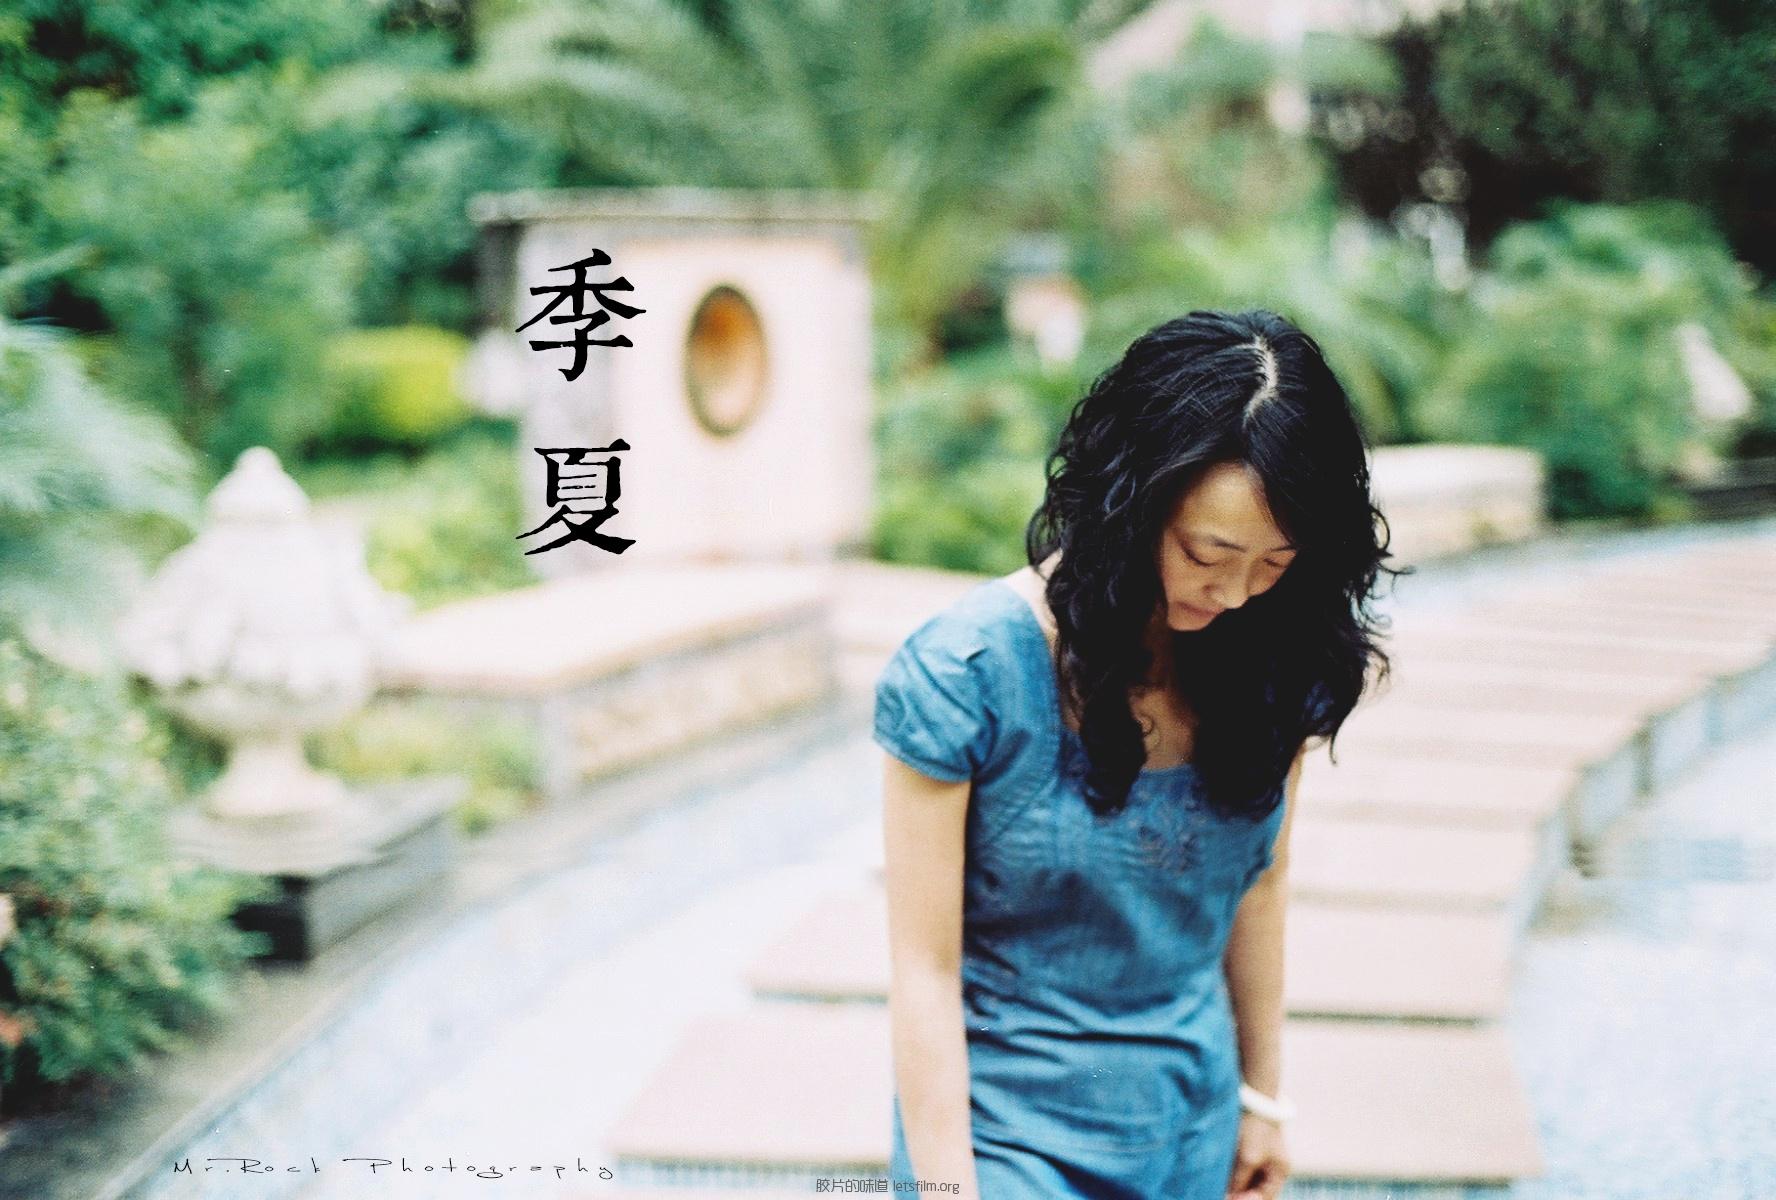 菲林日记·六月季夏 (1)